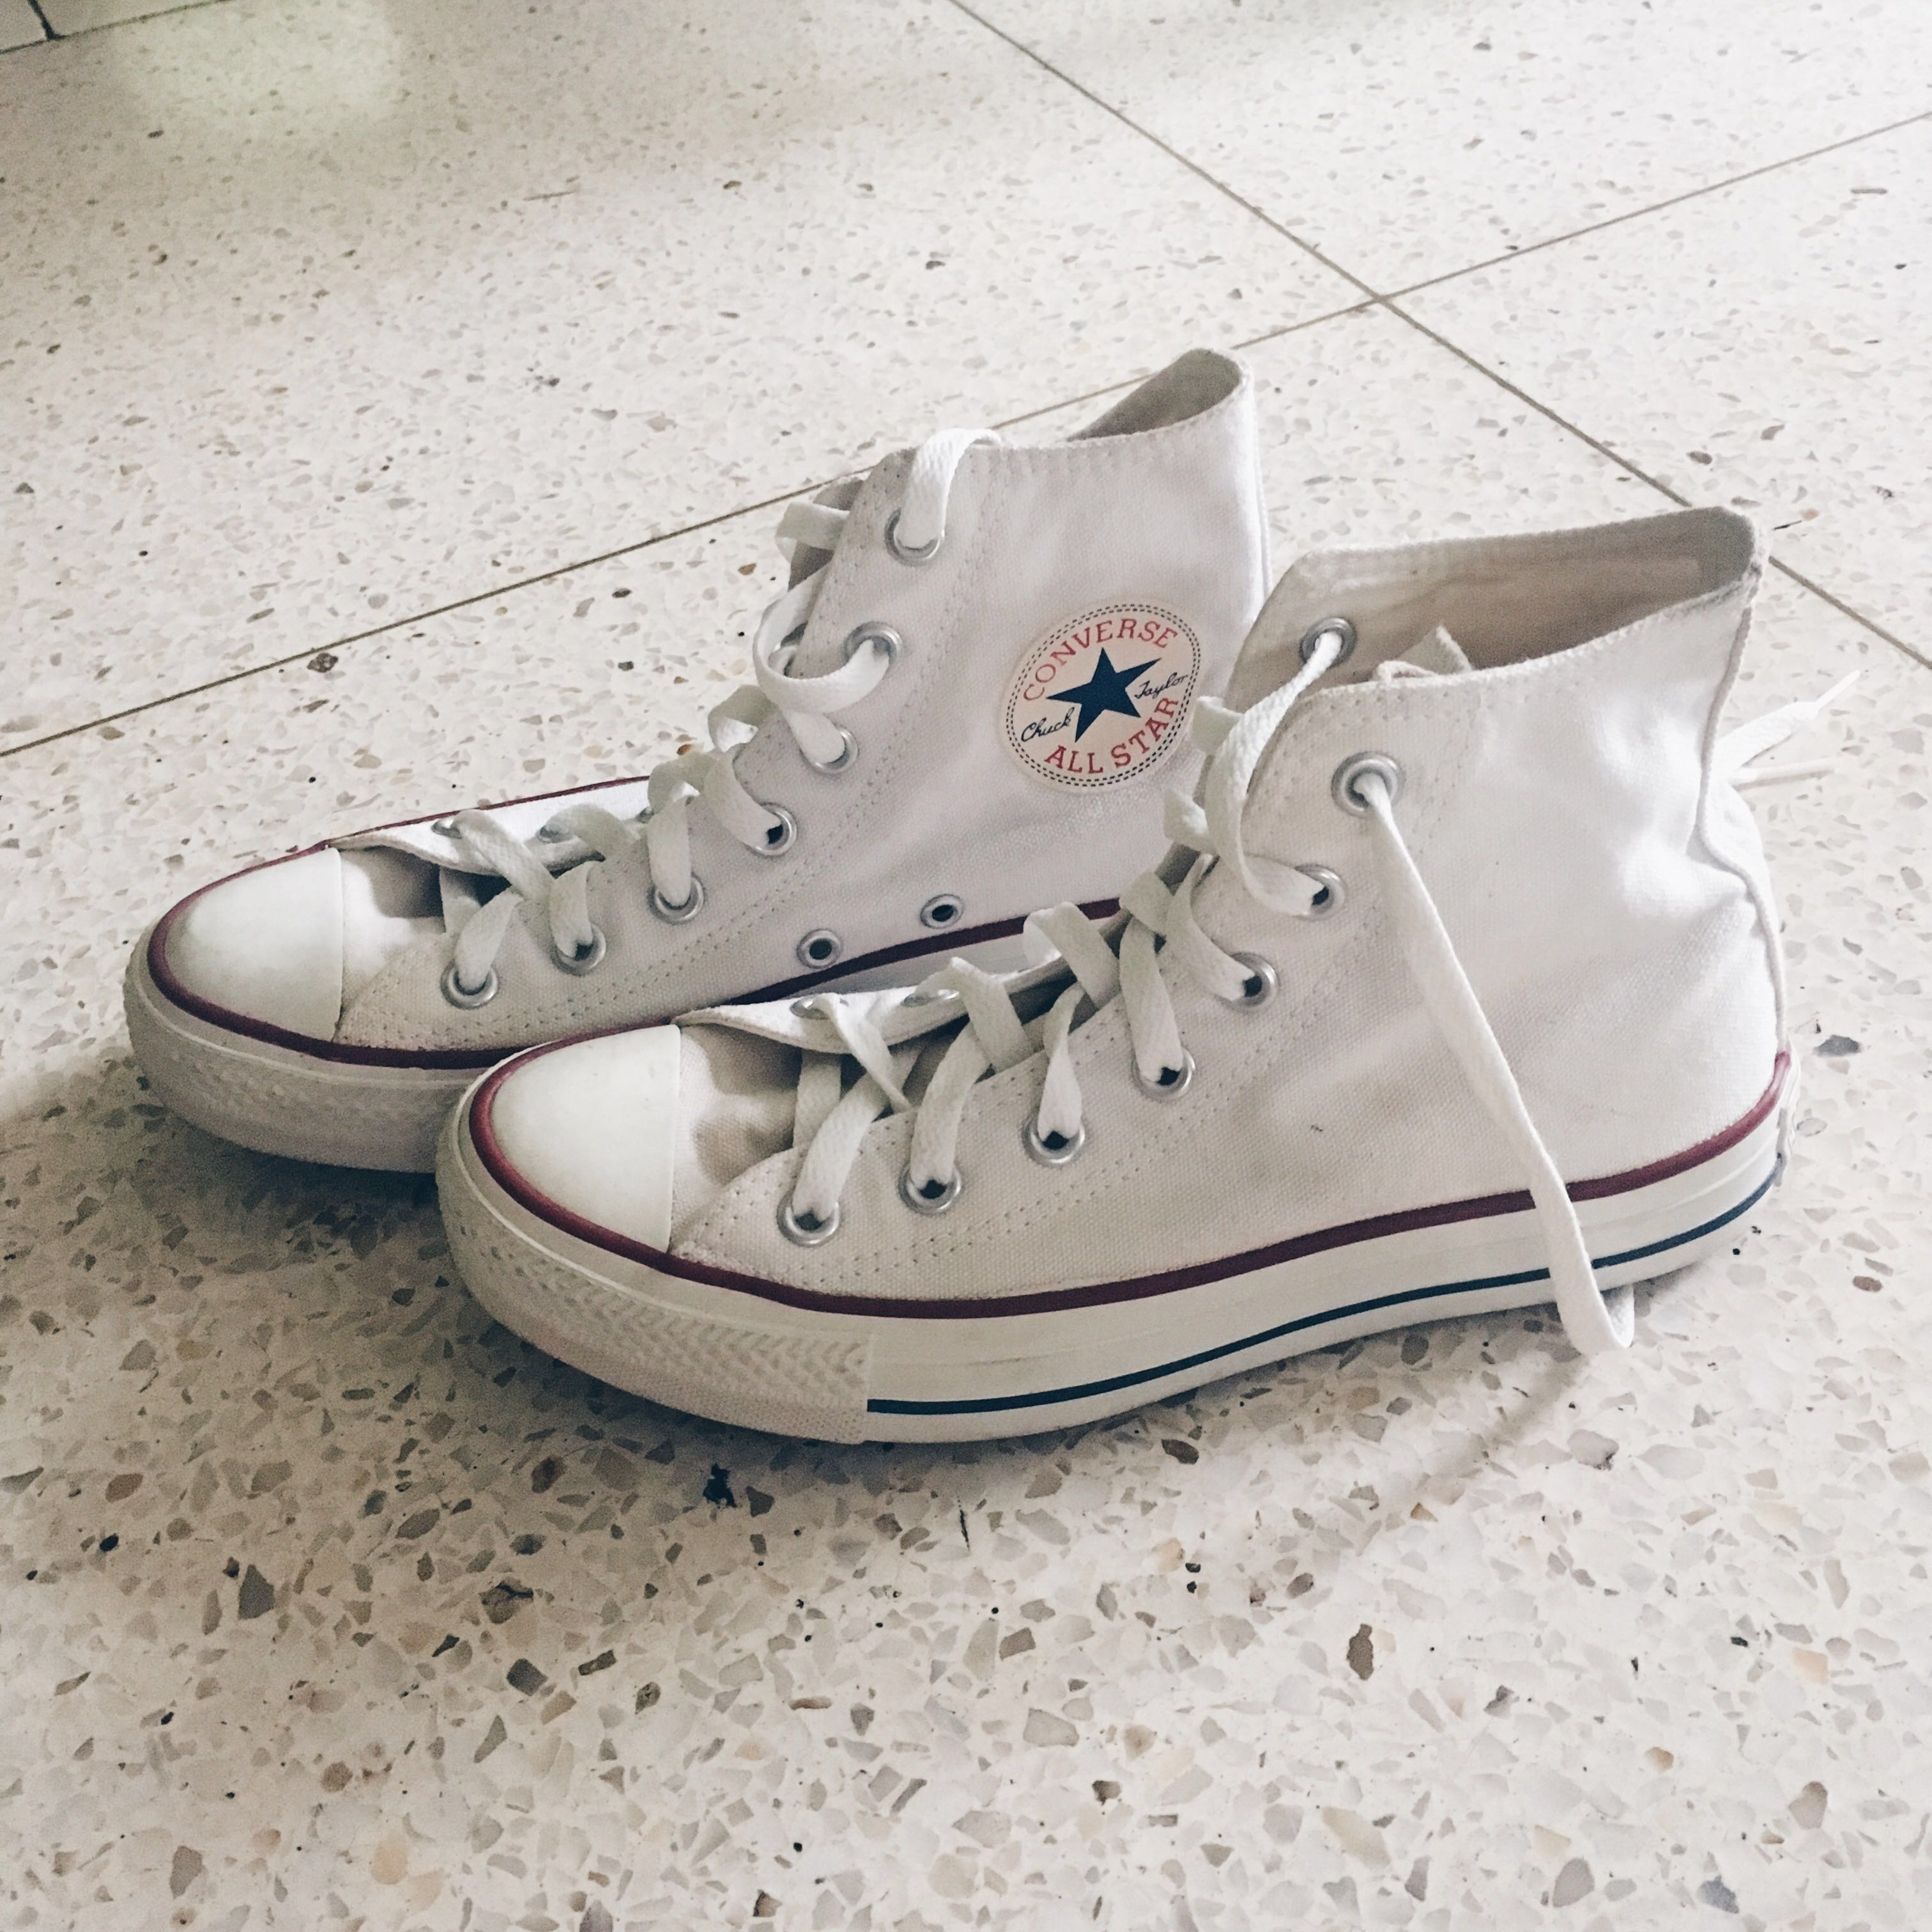 492426ae29dcb4 Converse High Cut White